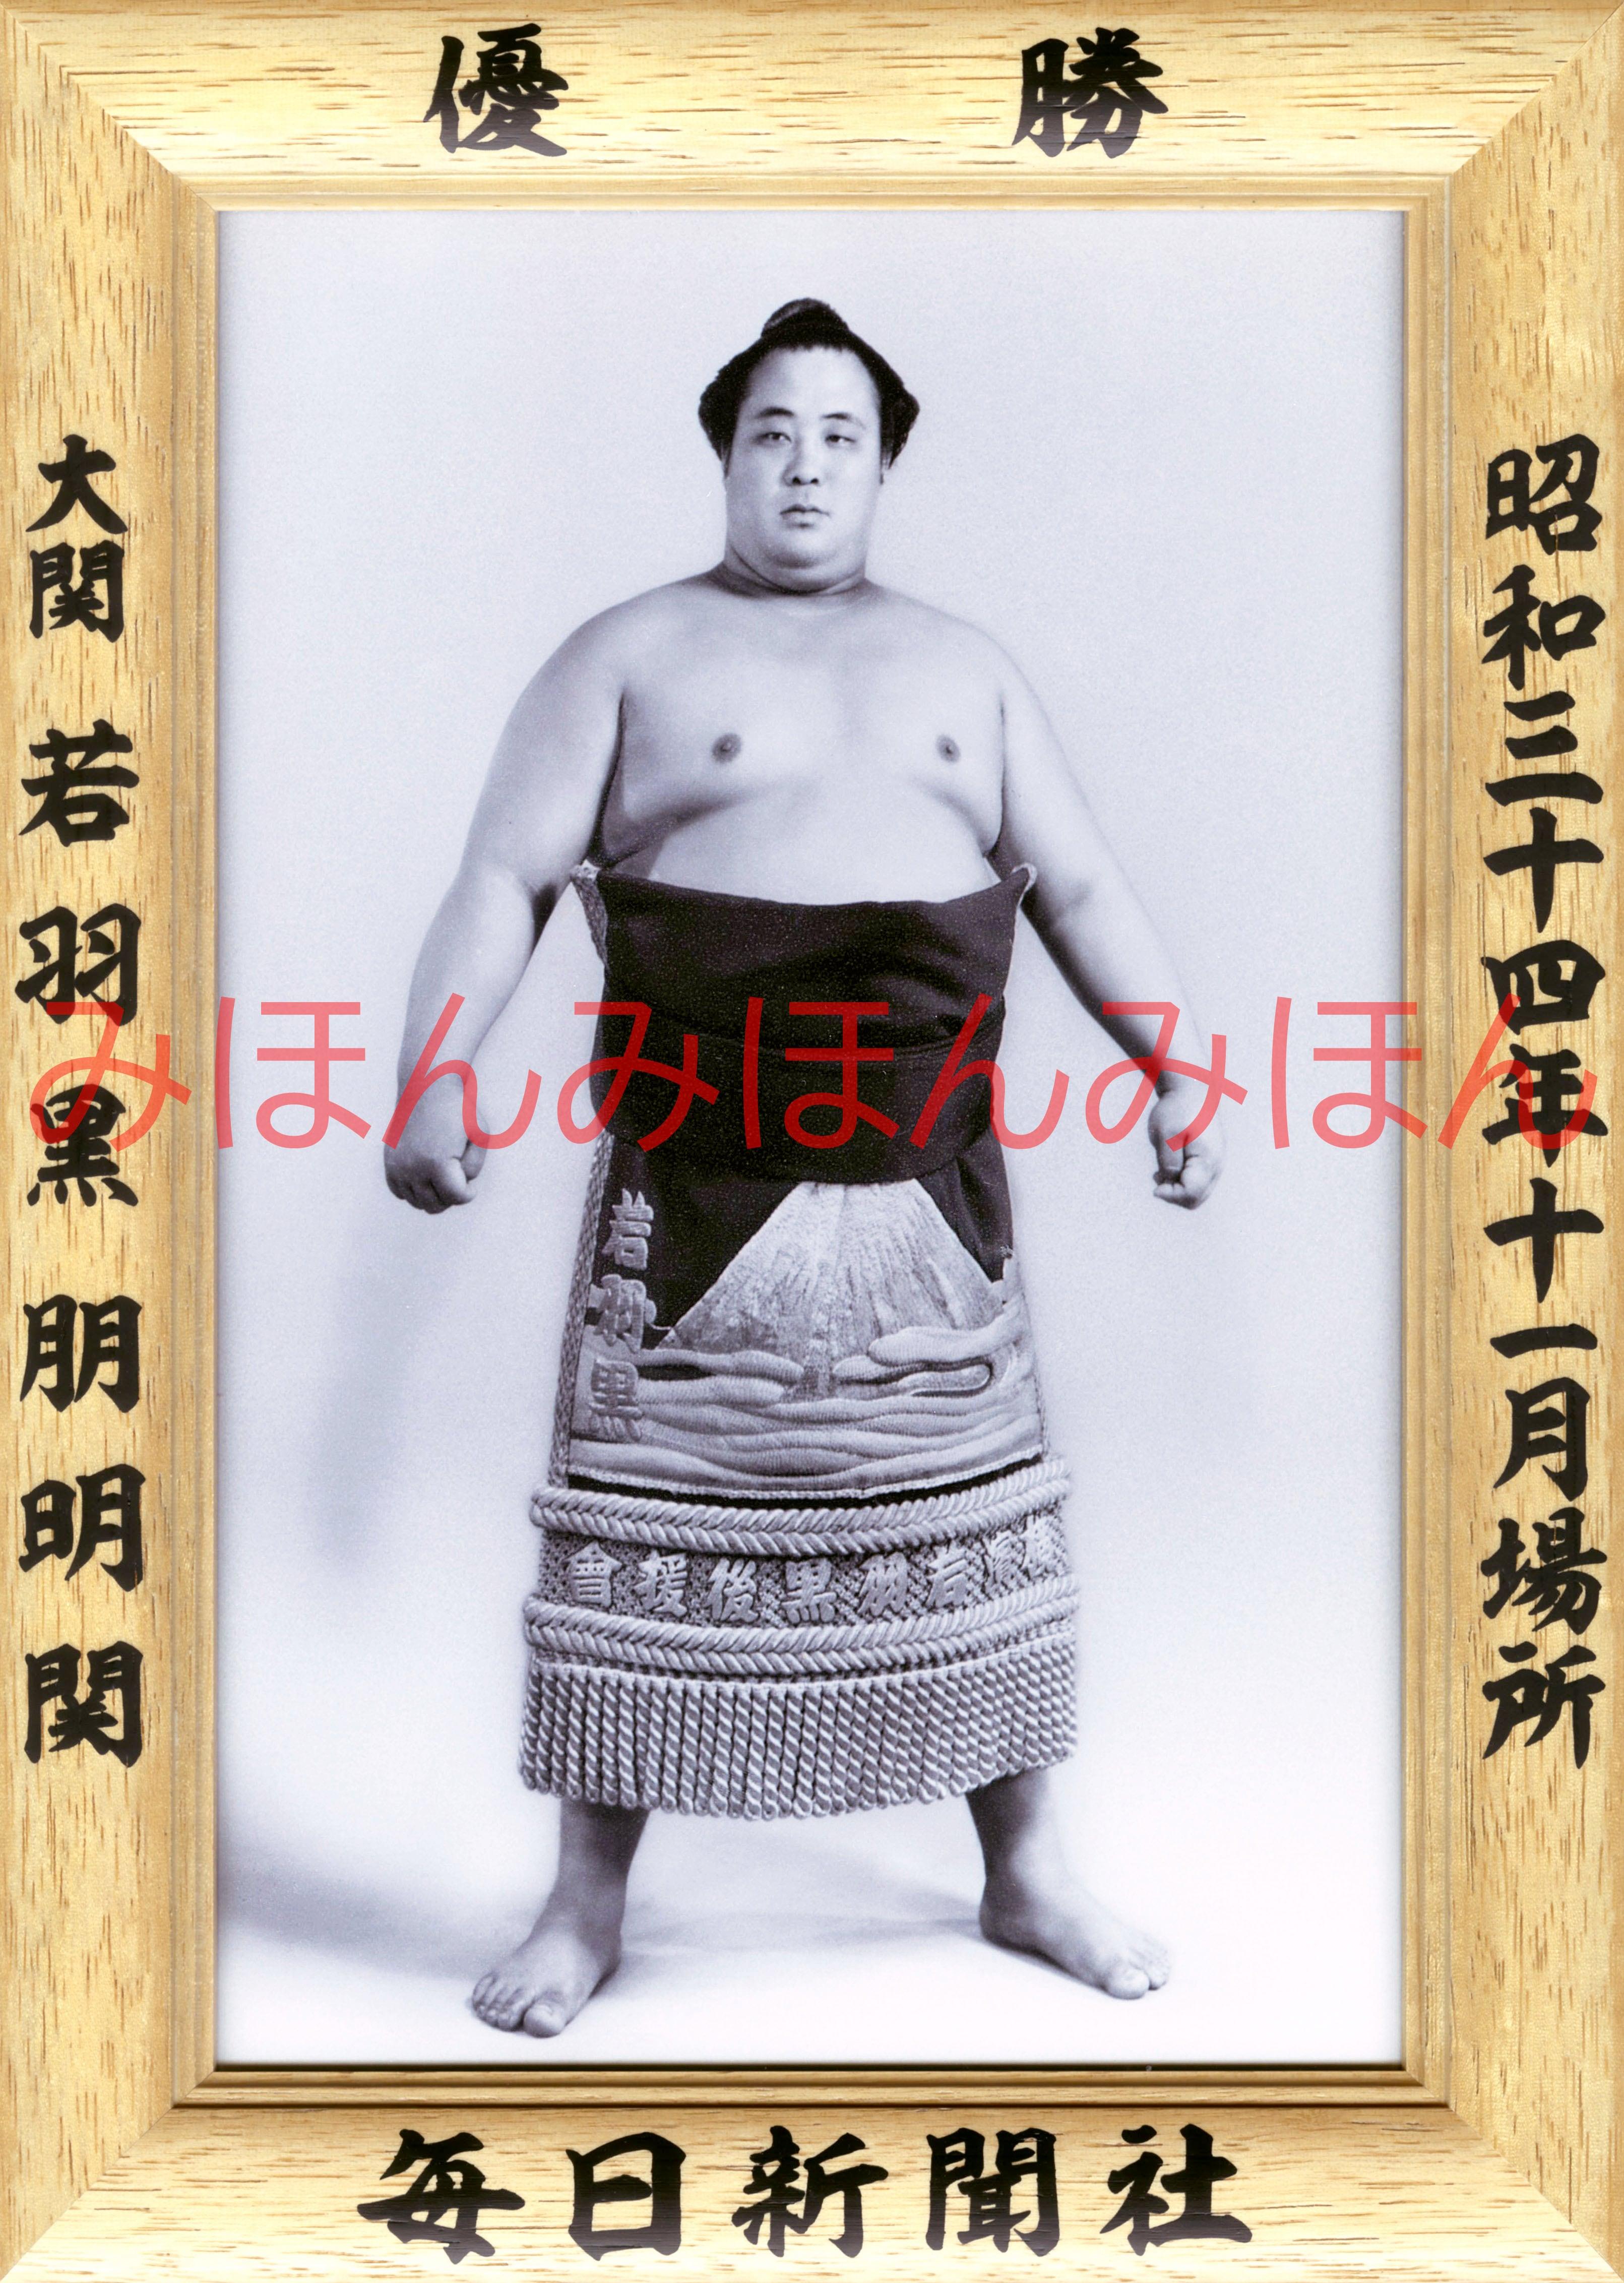 昭和34年11月場所優勝 大関 若羽黒朋明関